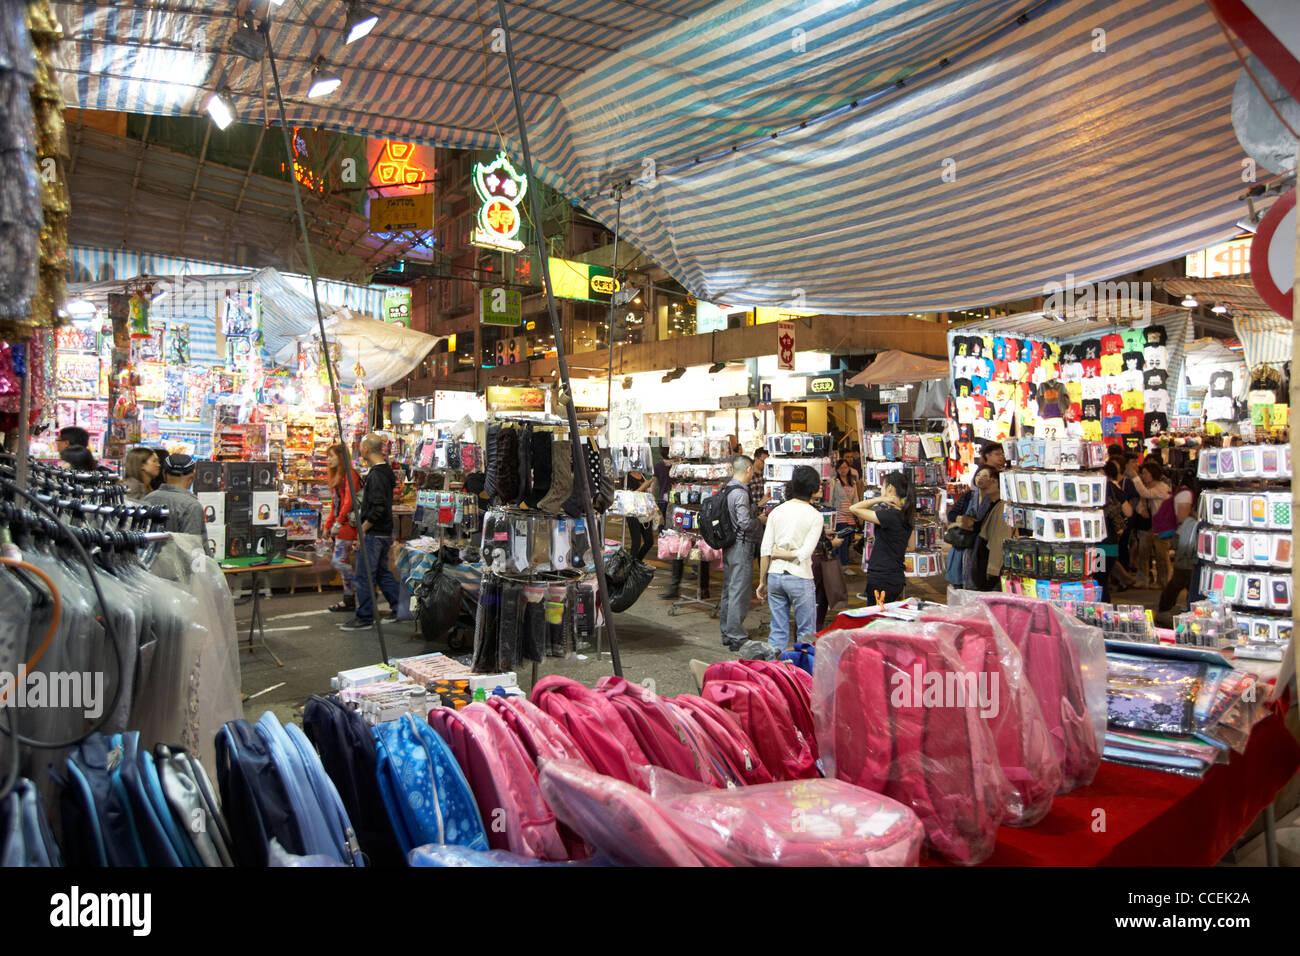 Hong Kong Suppliers and Hong Kong Manufacturers HKTDC 53